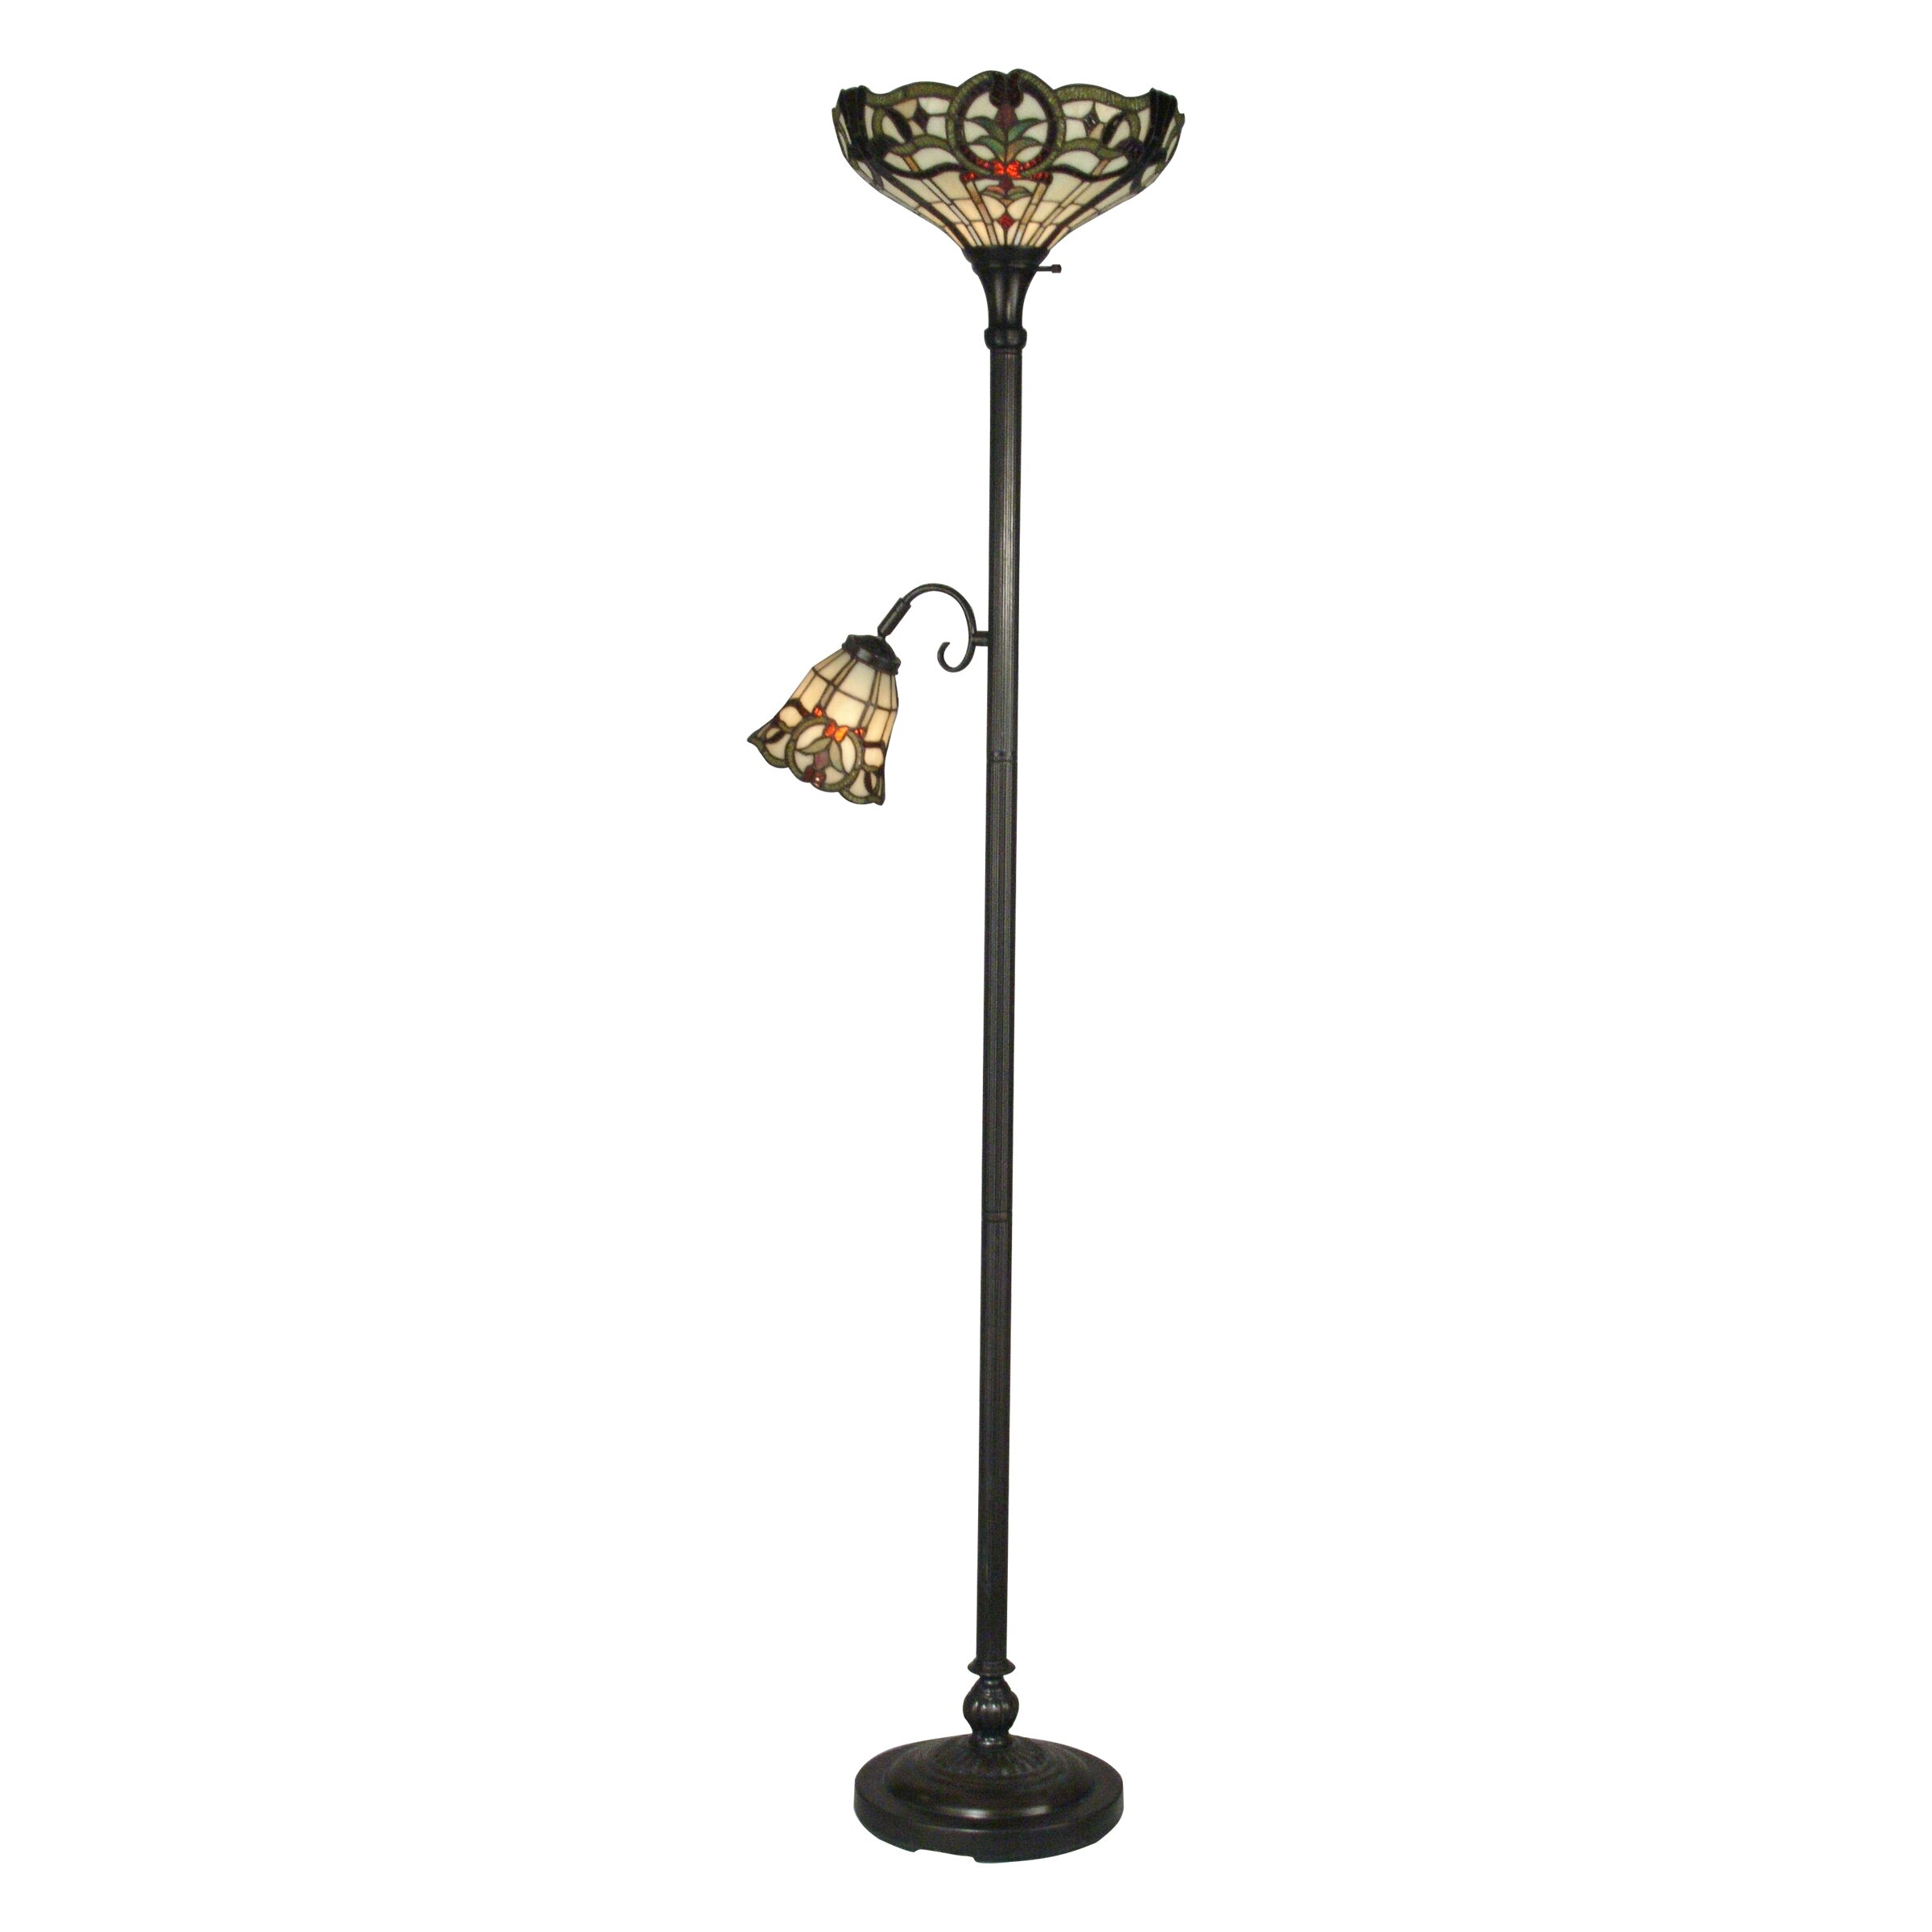 lighting lamps rustic floor lamps dale tiffany sku dt2466. Black Bedroom Furniture Sets. Home Design Ideas